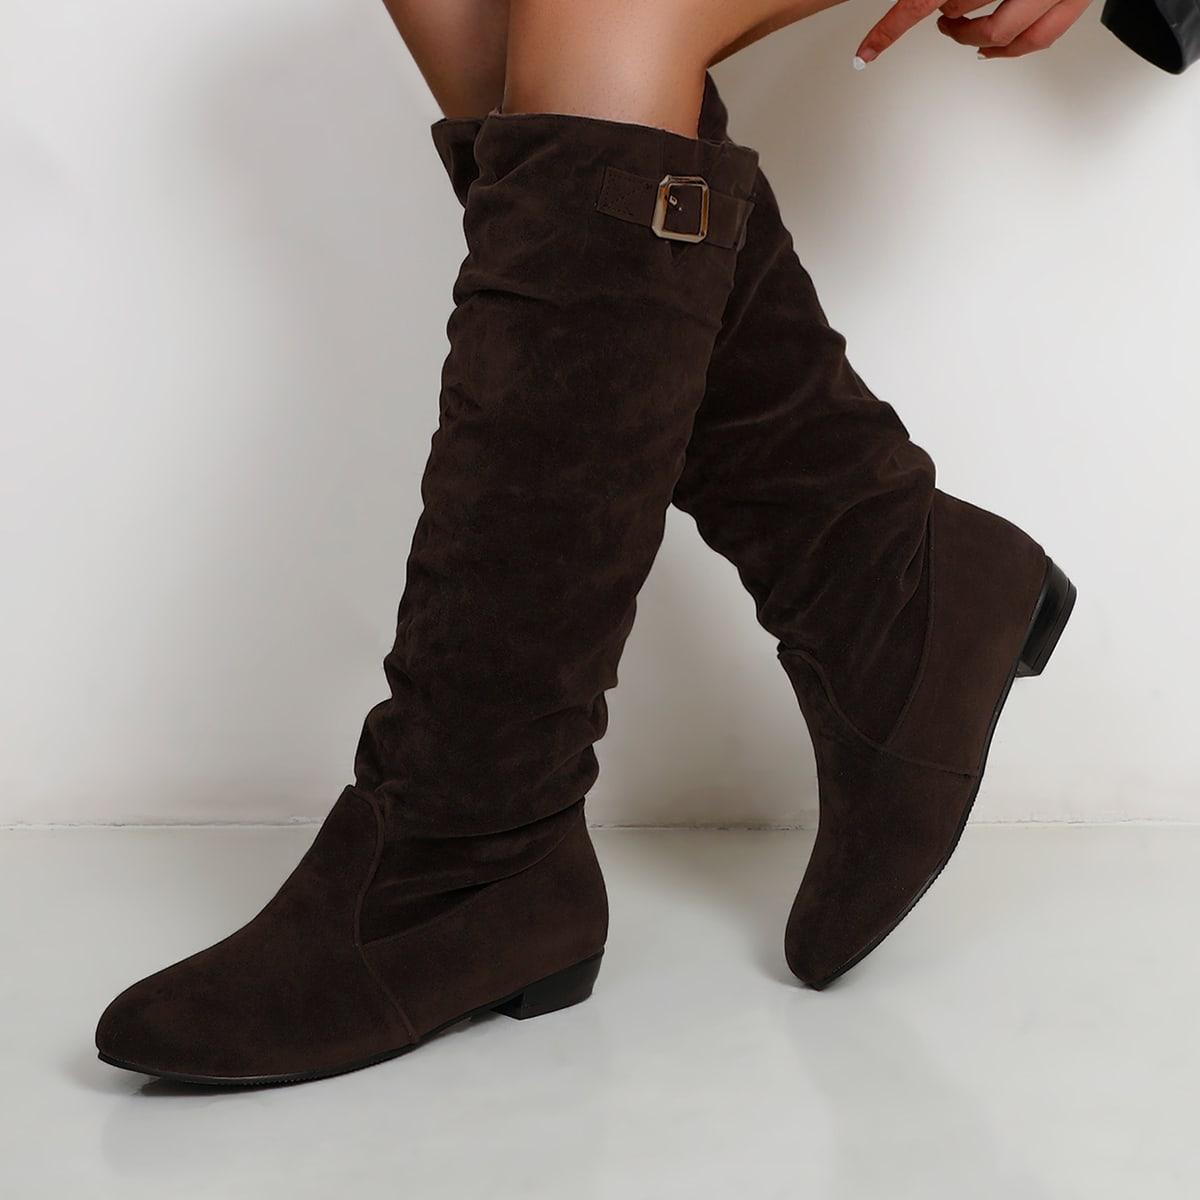 SHEIN Slip on schoenen Modieus Vlak Laarzen